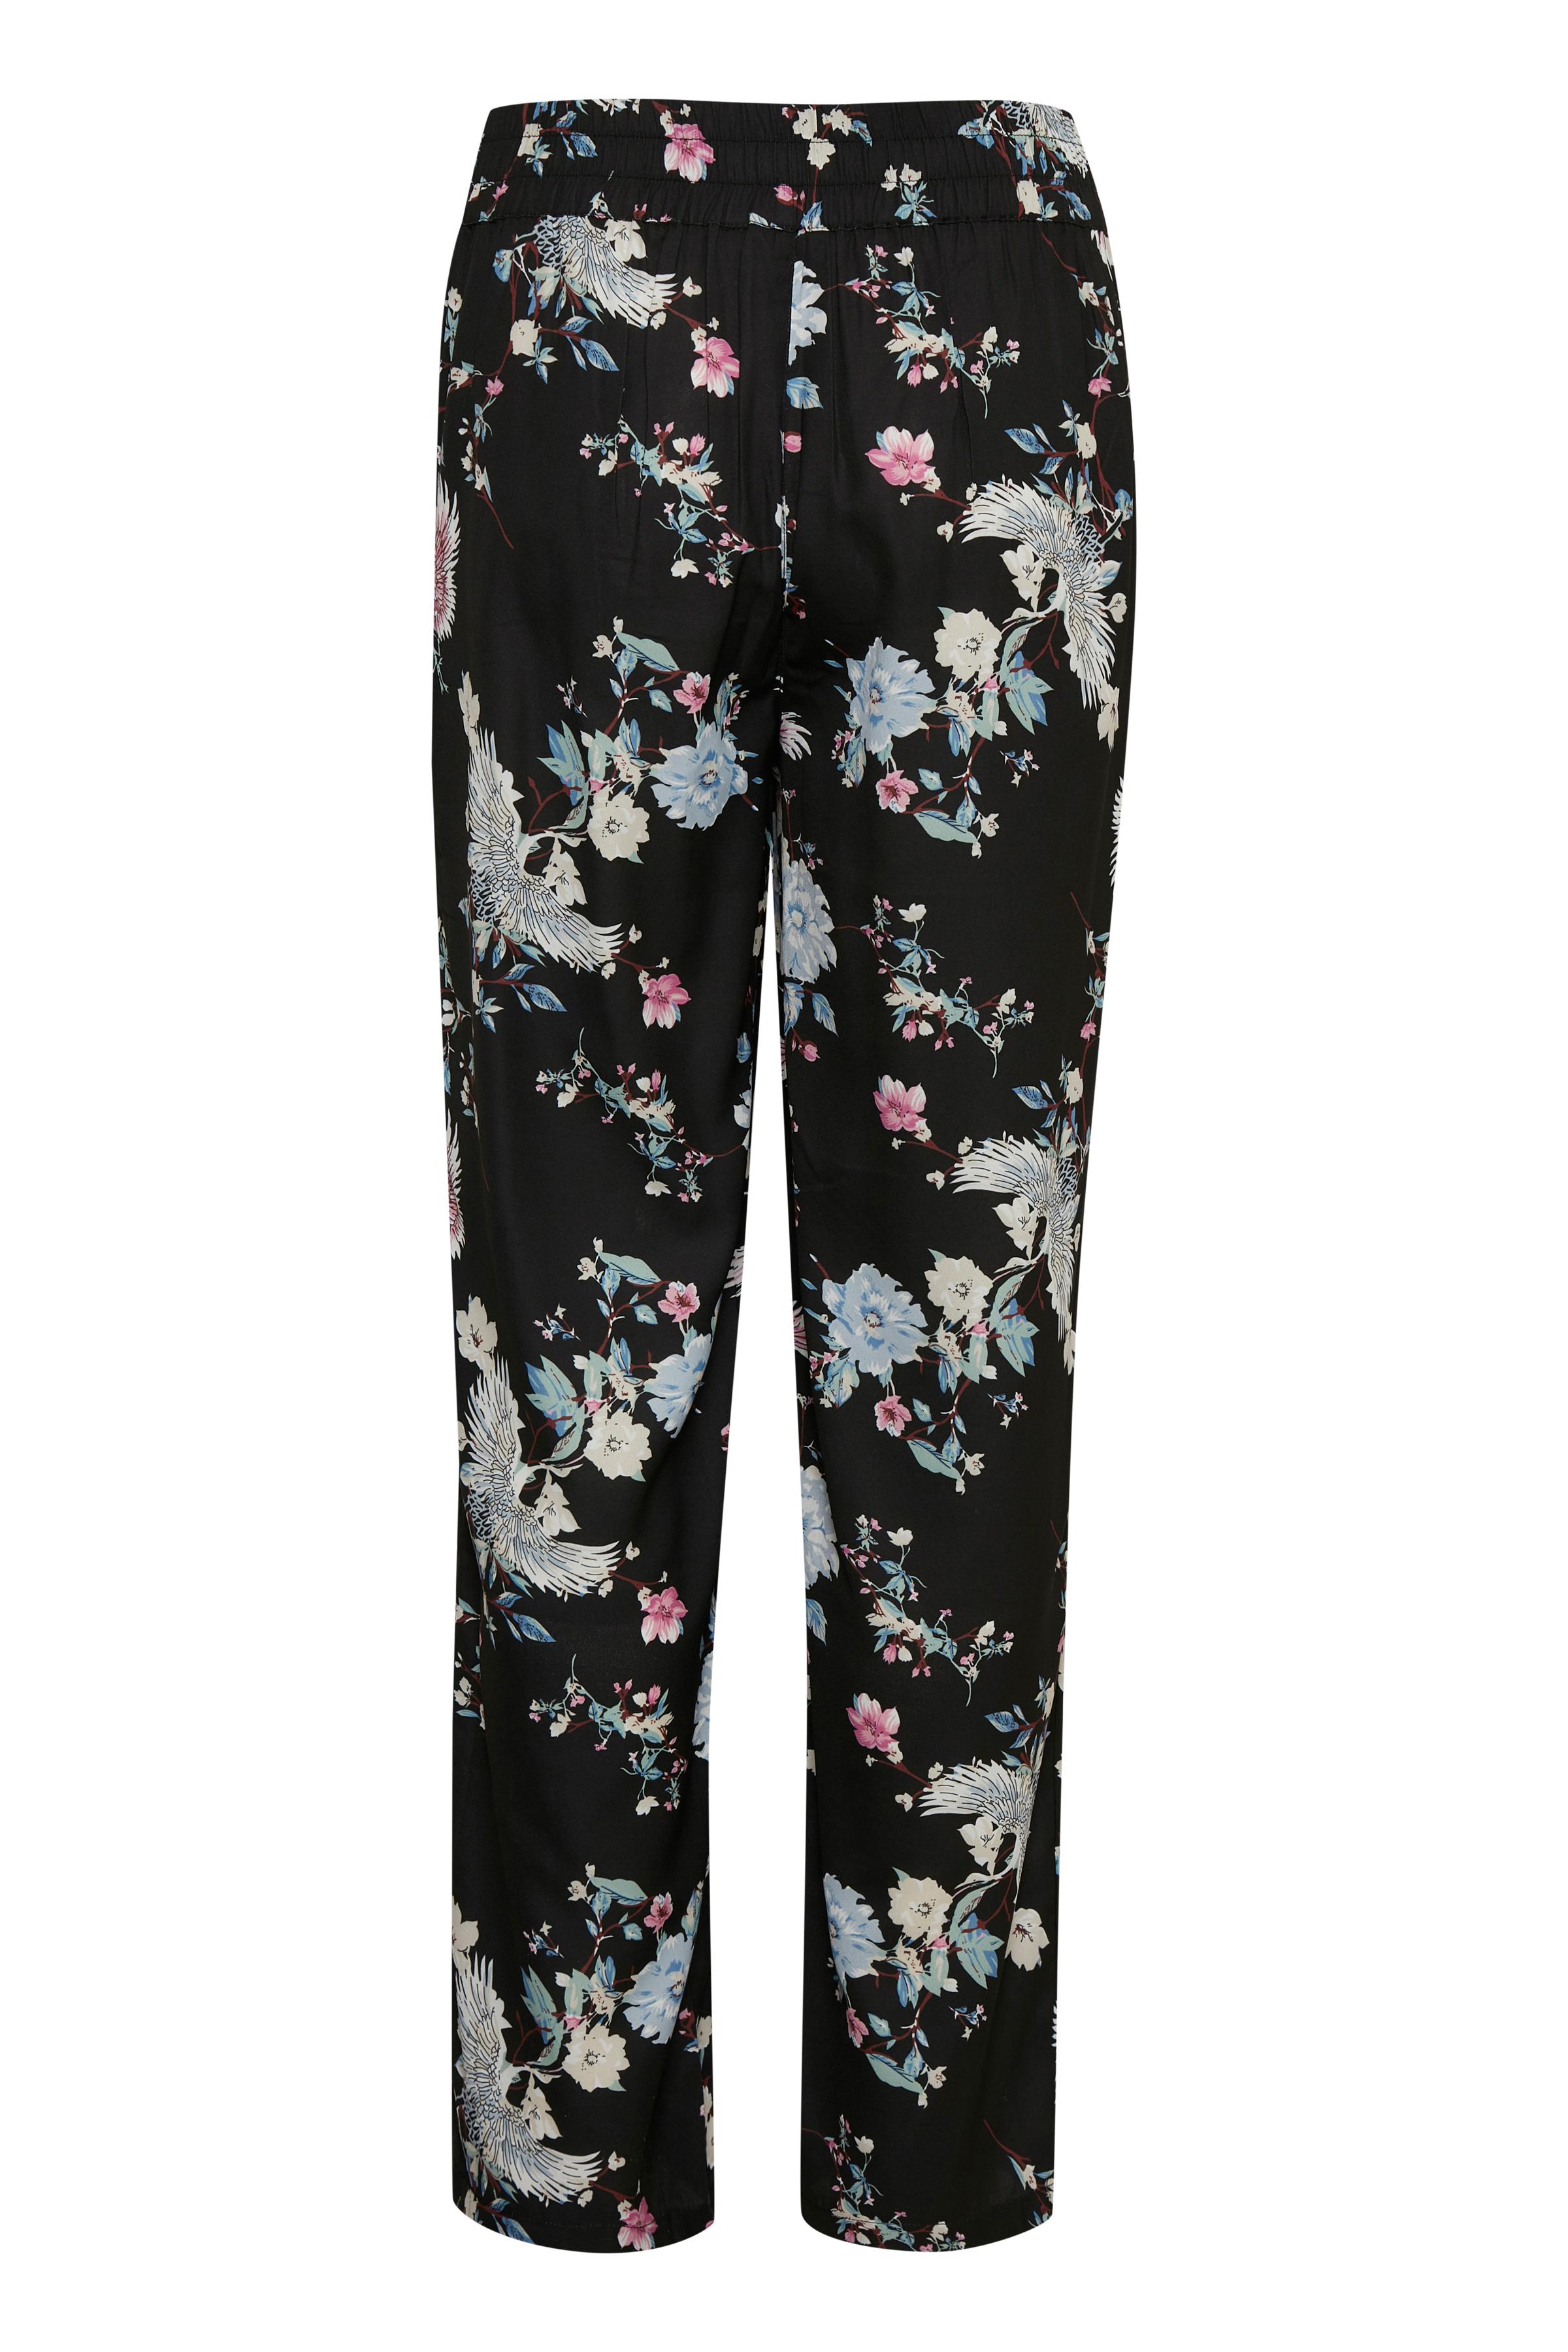 Sort/blå Casual bukser fra Bon'A Parte – Køb Sort/blå Casual bukser fra str. S-2XL her